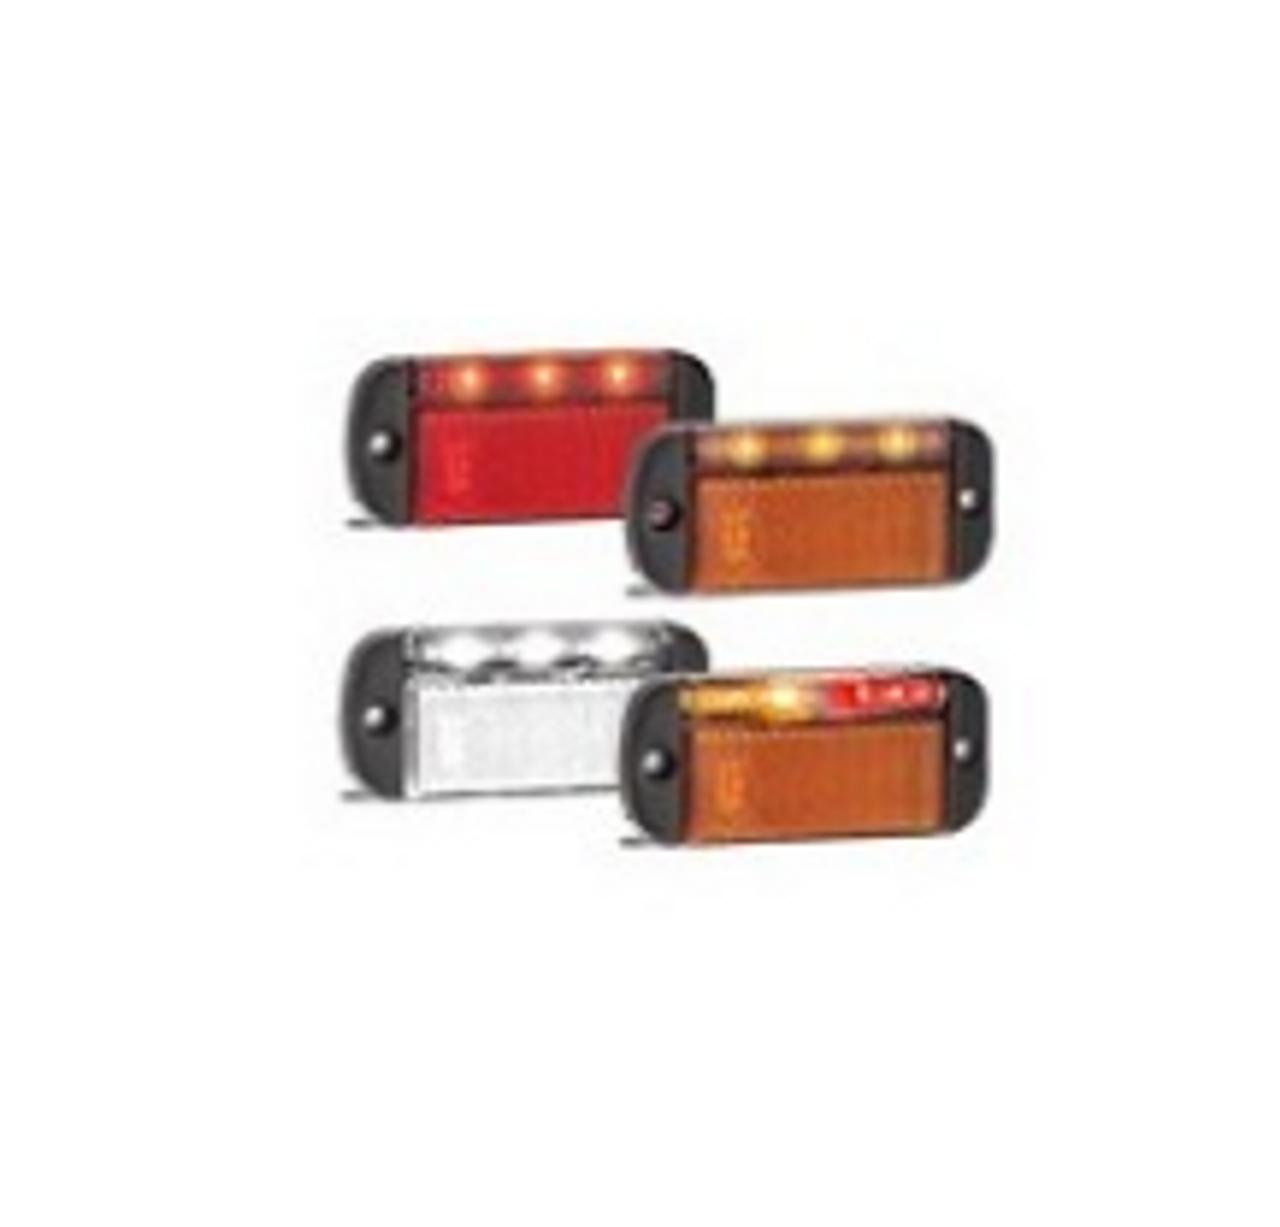 44 Series - 44ARMLB - Side Marker Light with Reflector Left Side Multi-Volt 12v & 24v Single Pack. AL. Ultimate LED.